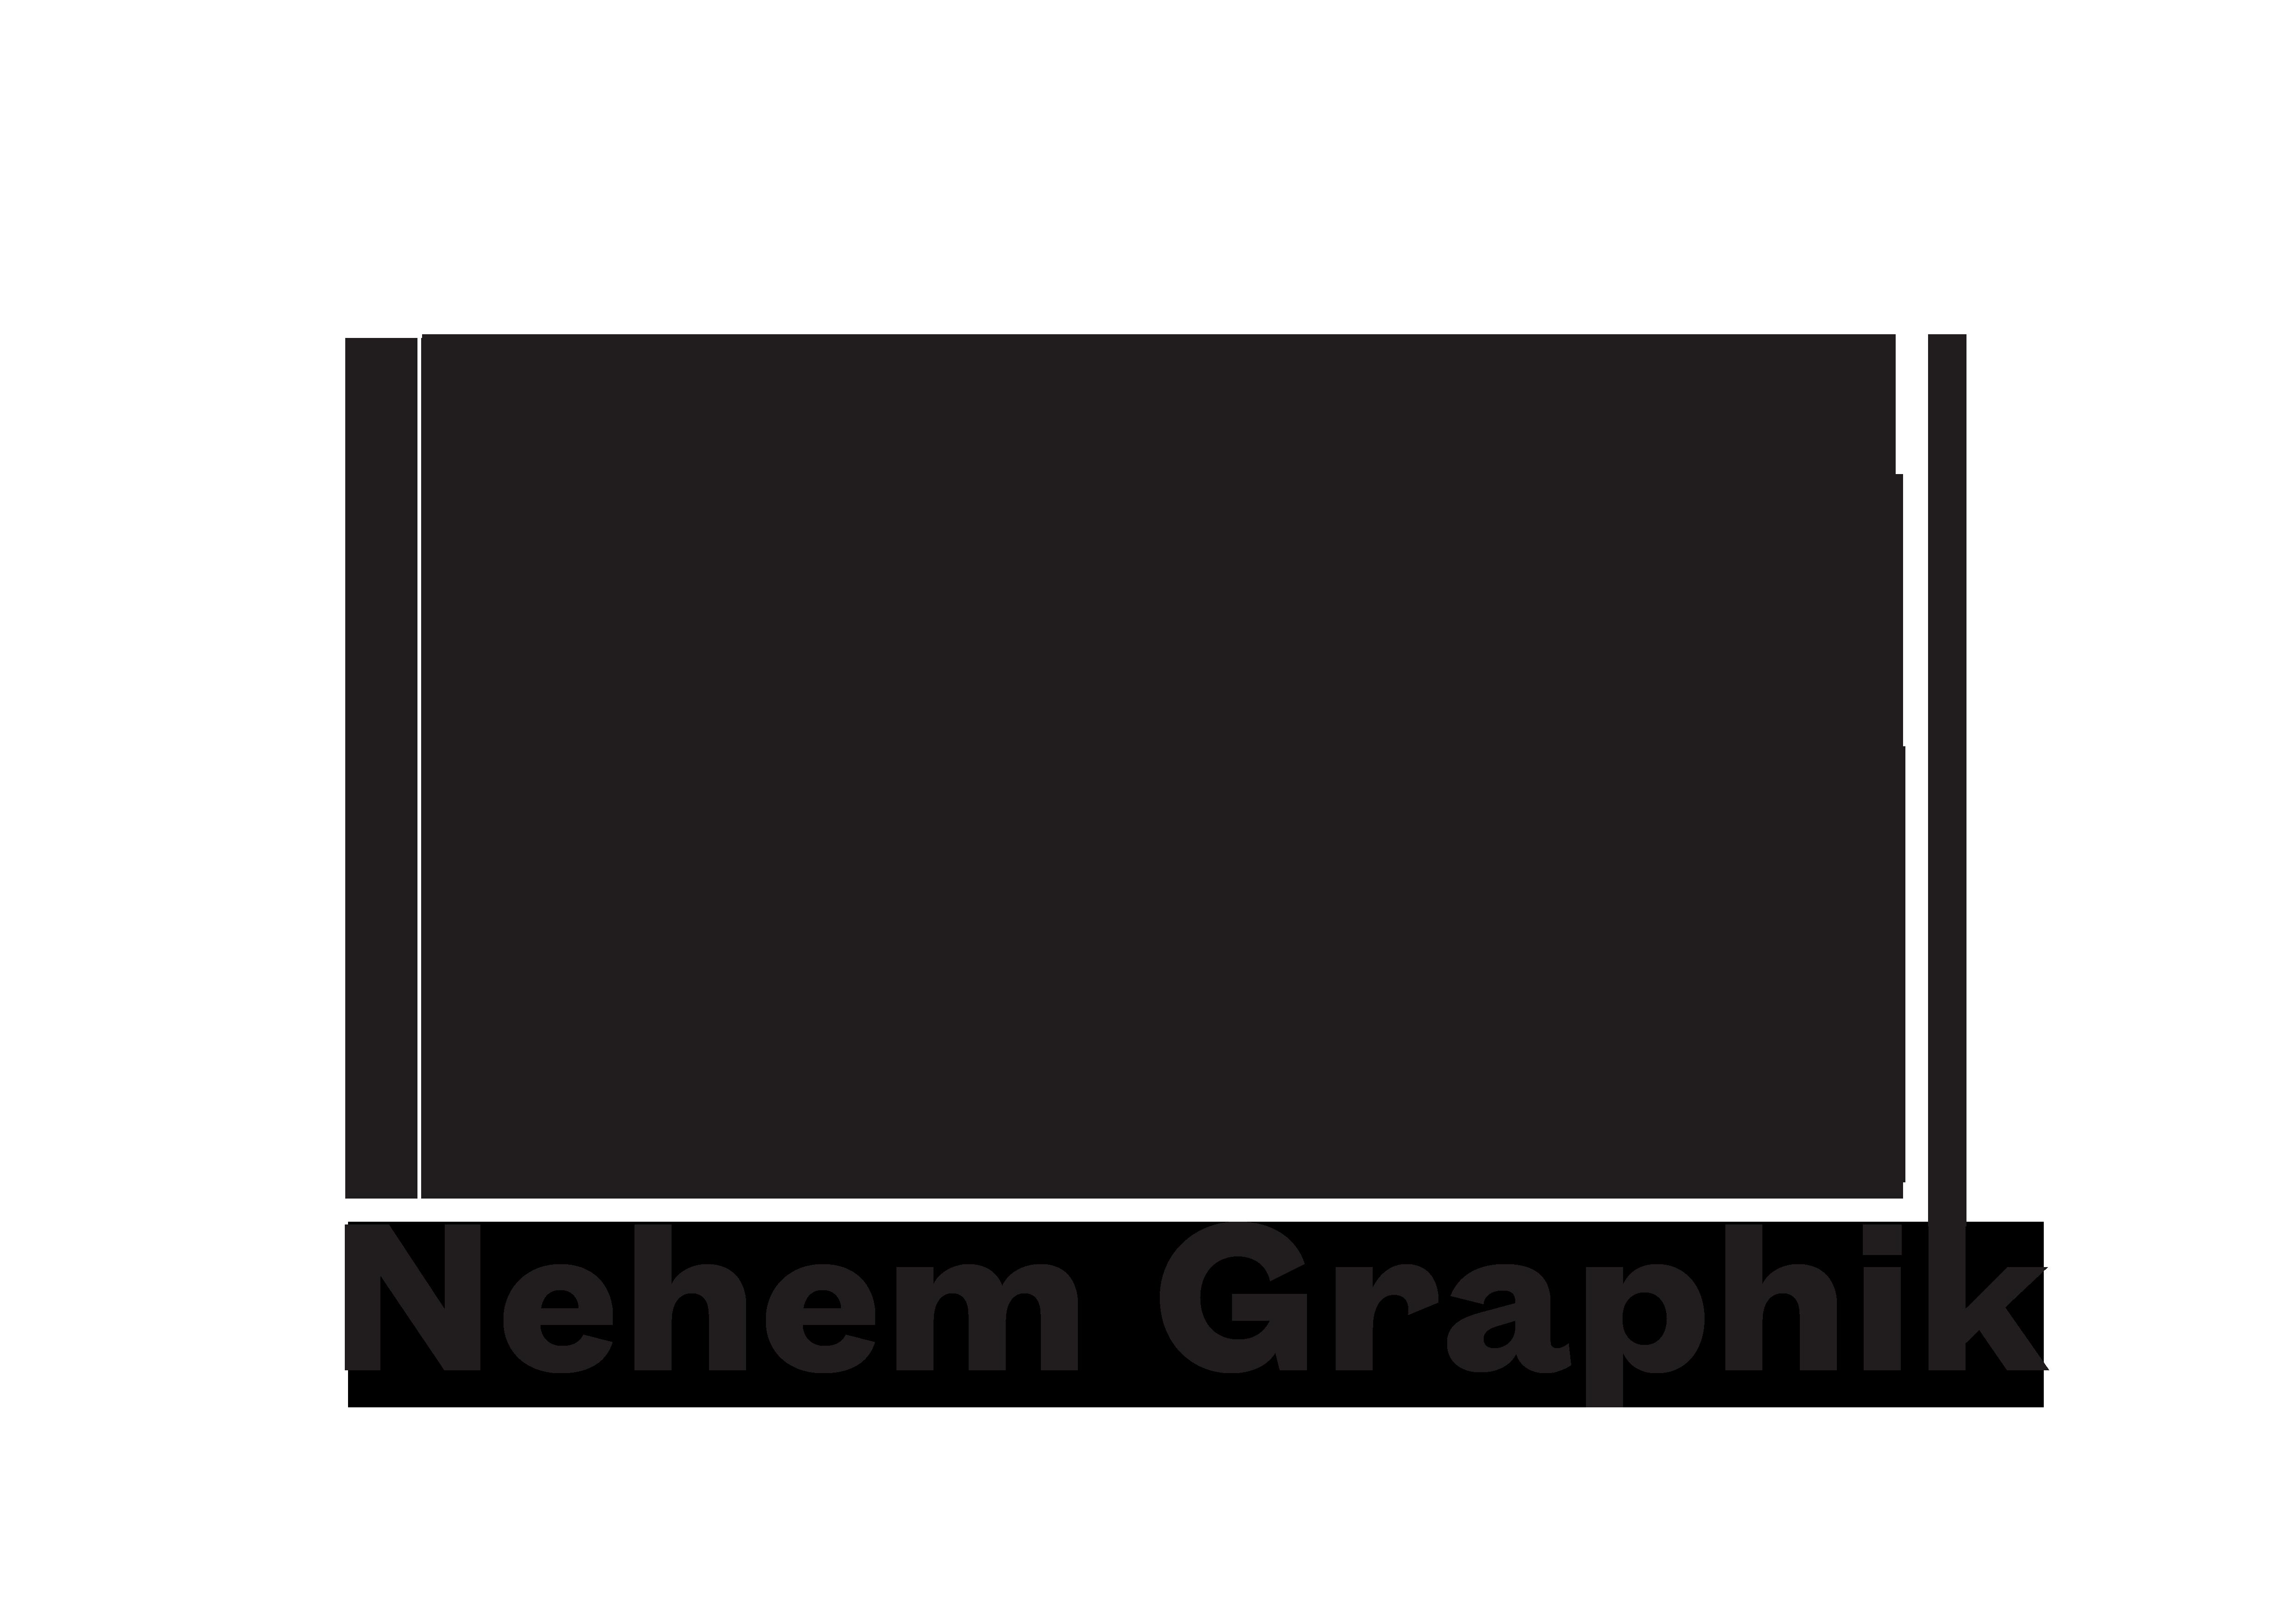 Nehem Graphik